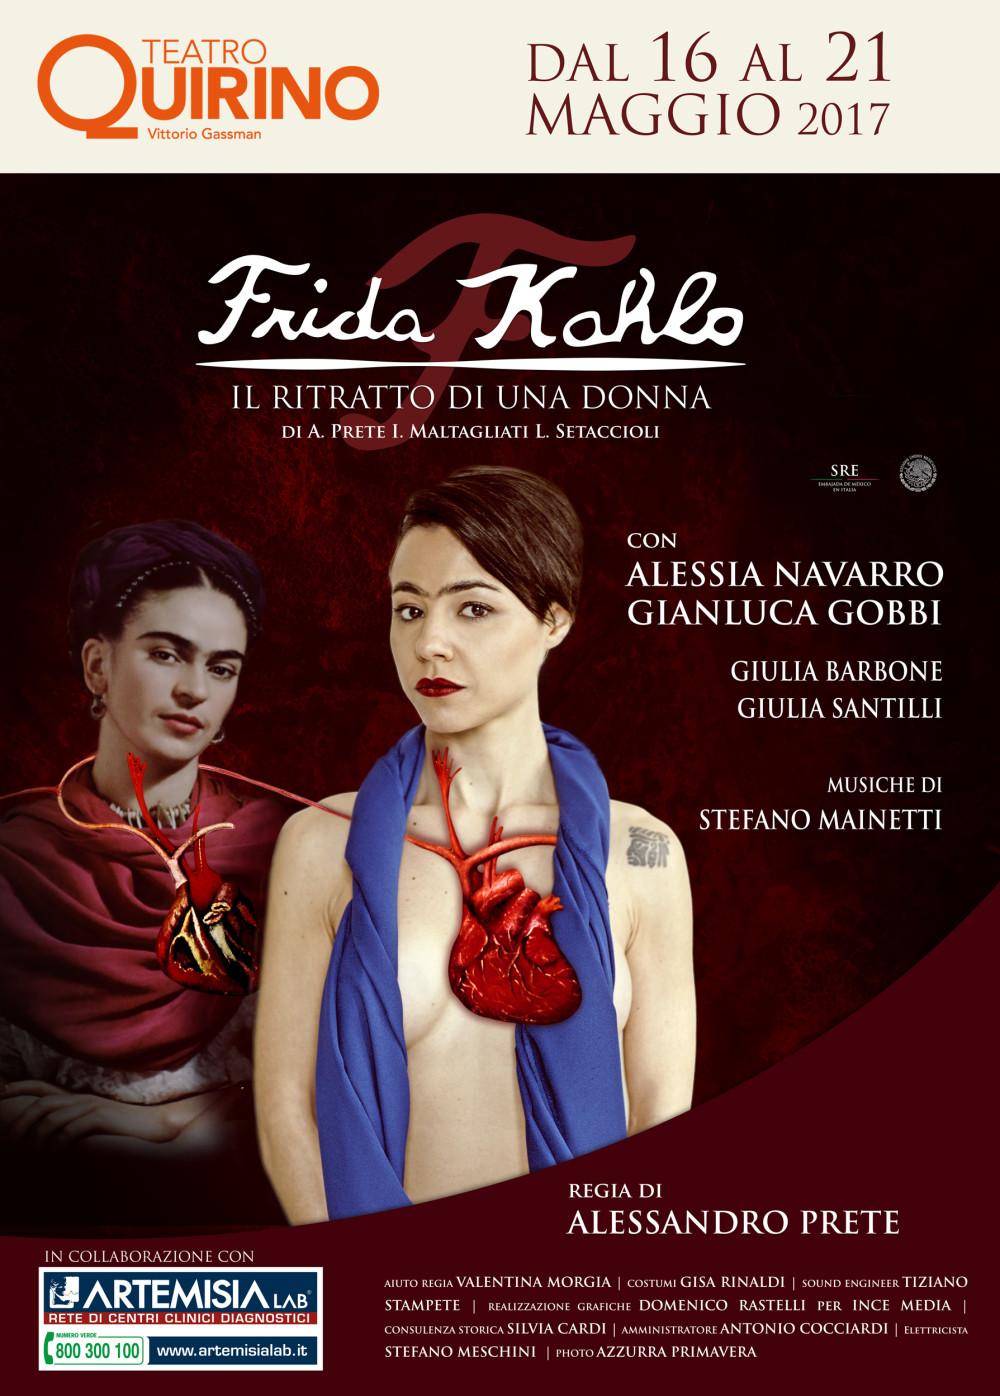 Frida Kahlo: il ritratto di una donna